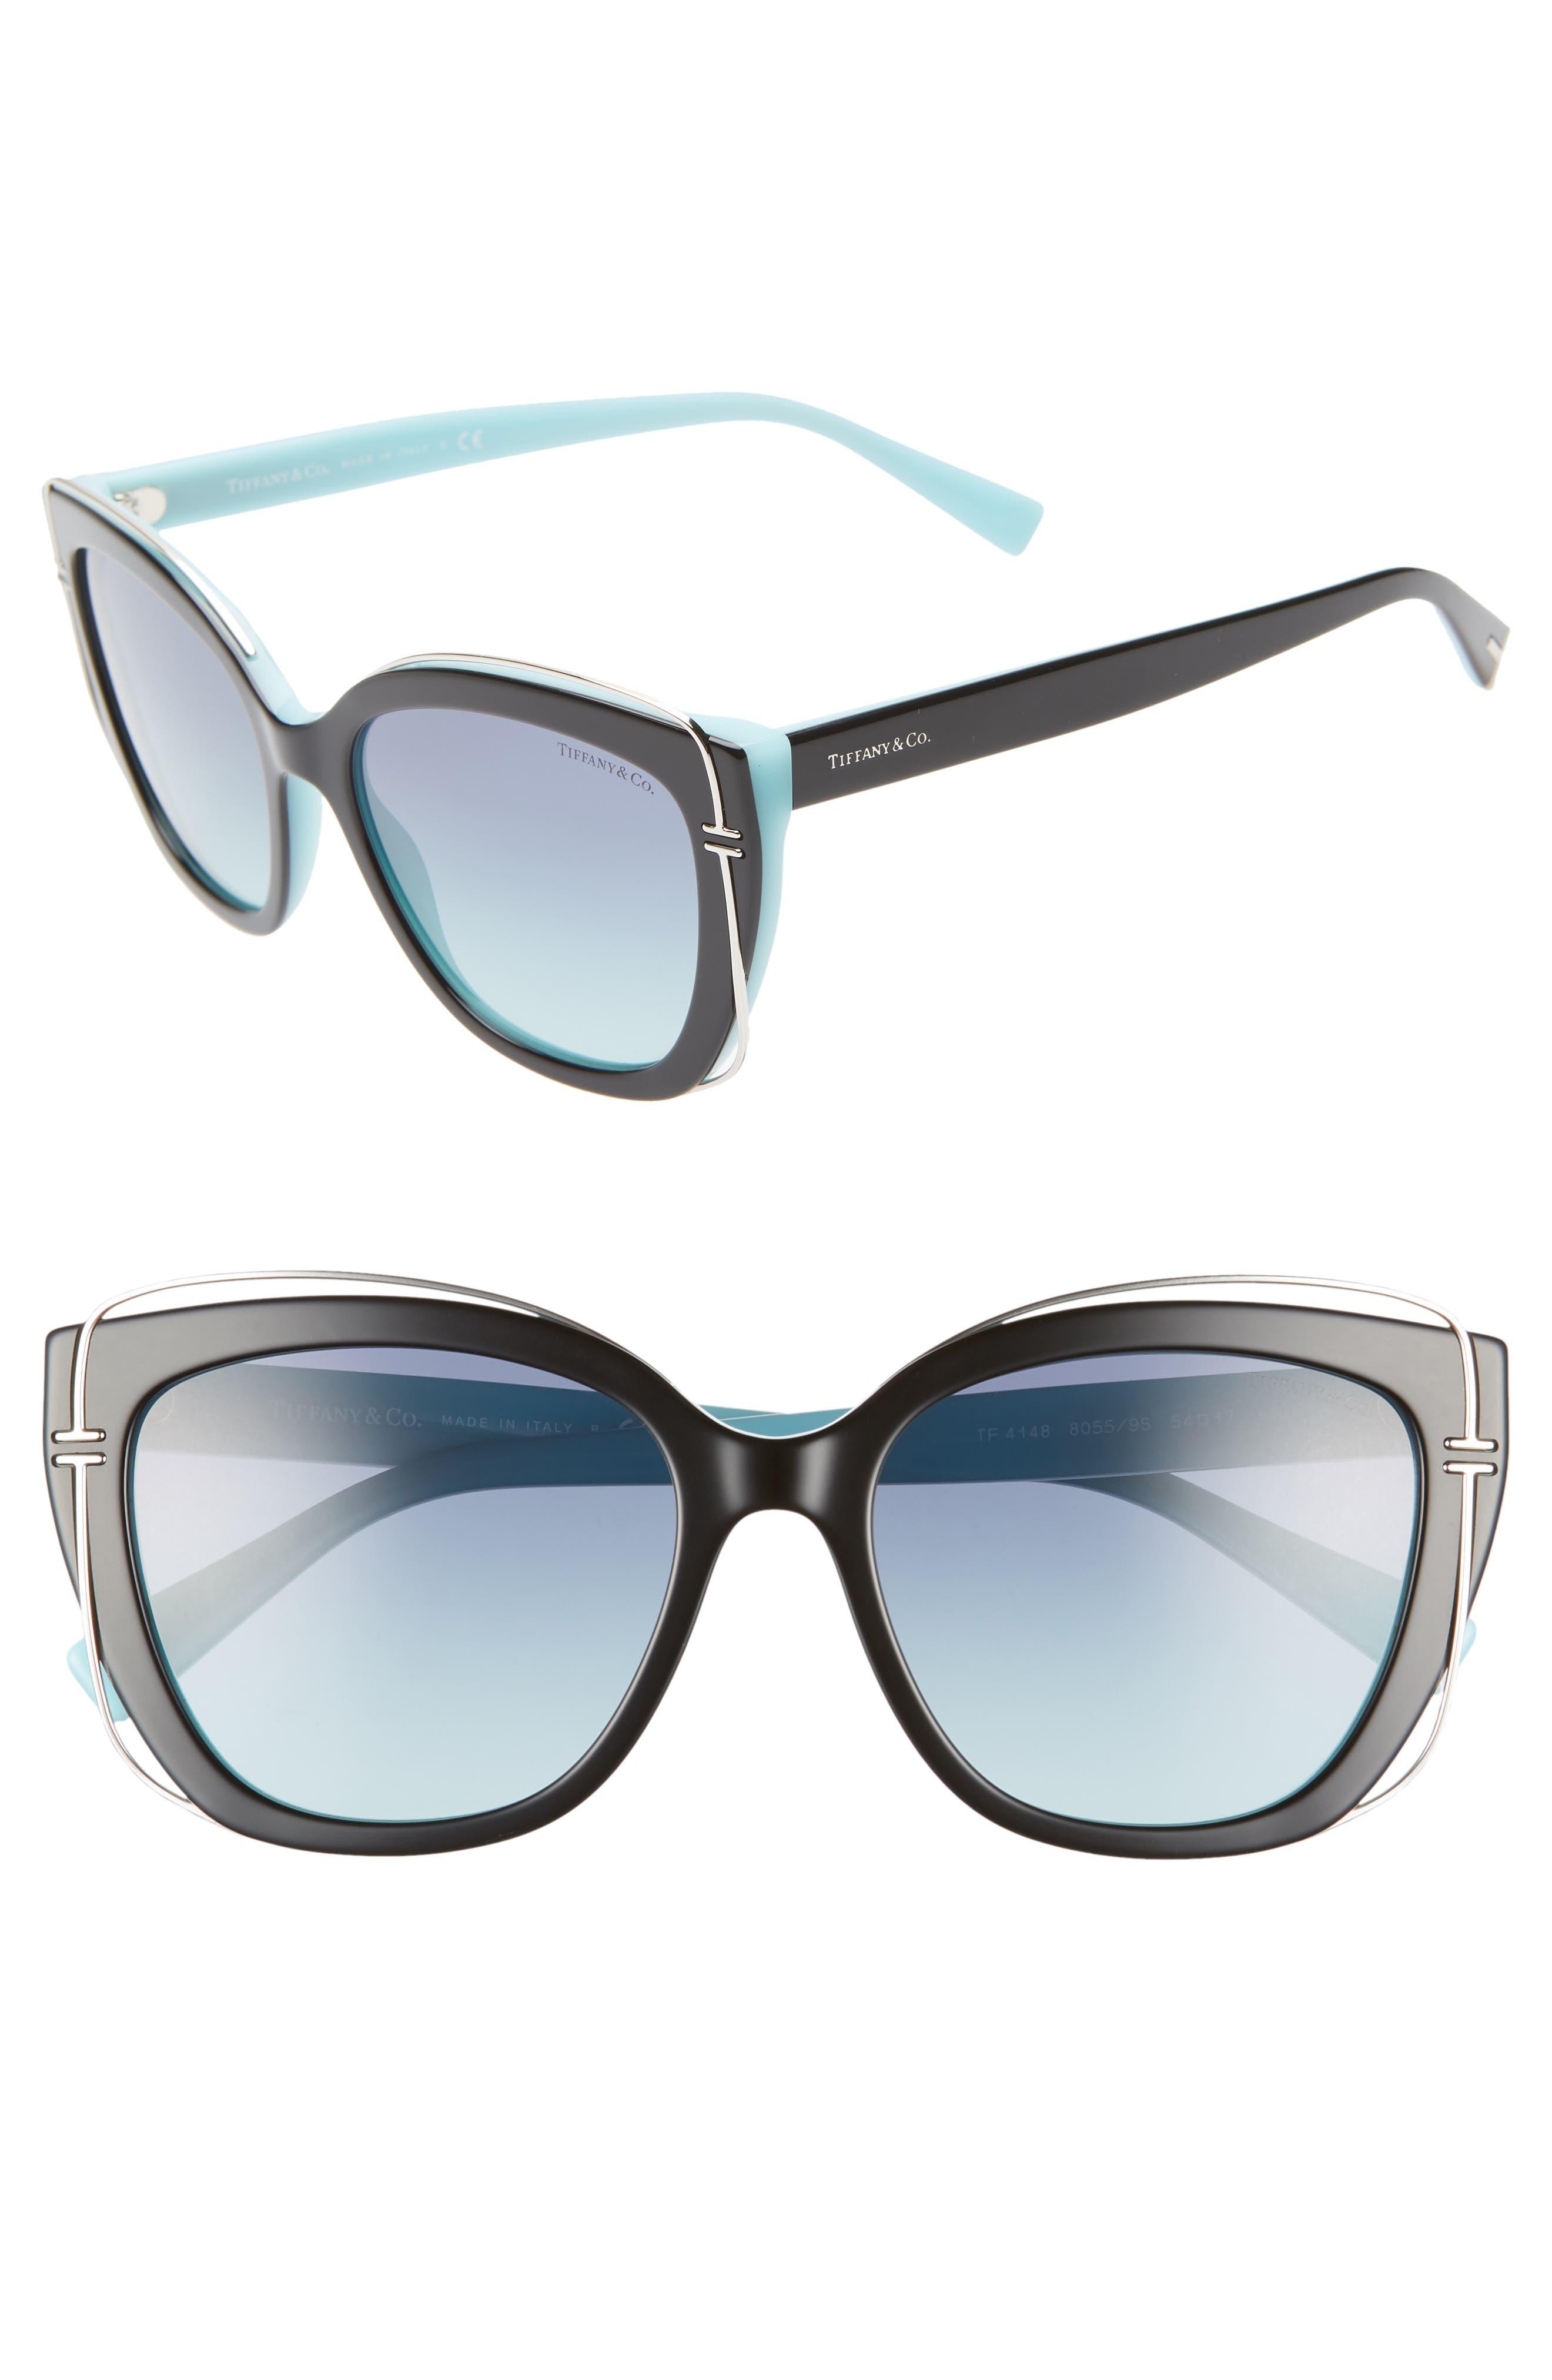 54mm Gradient Cat Eye Sunglasses,                         Main,                         color, BLACK/ BLUE GRADIENT